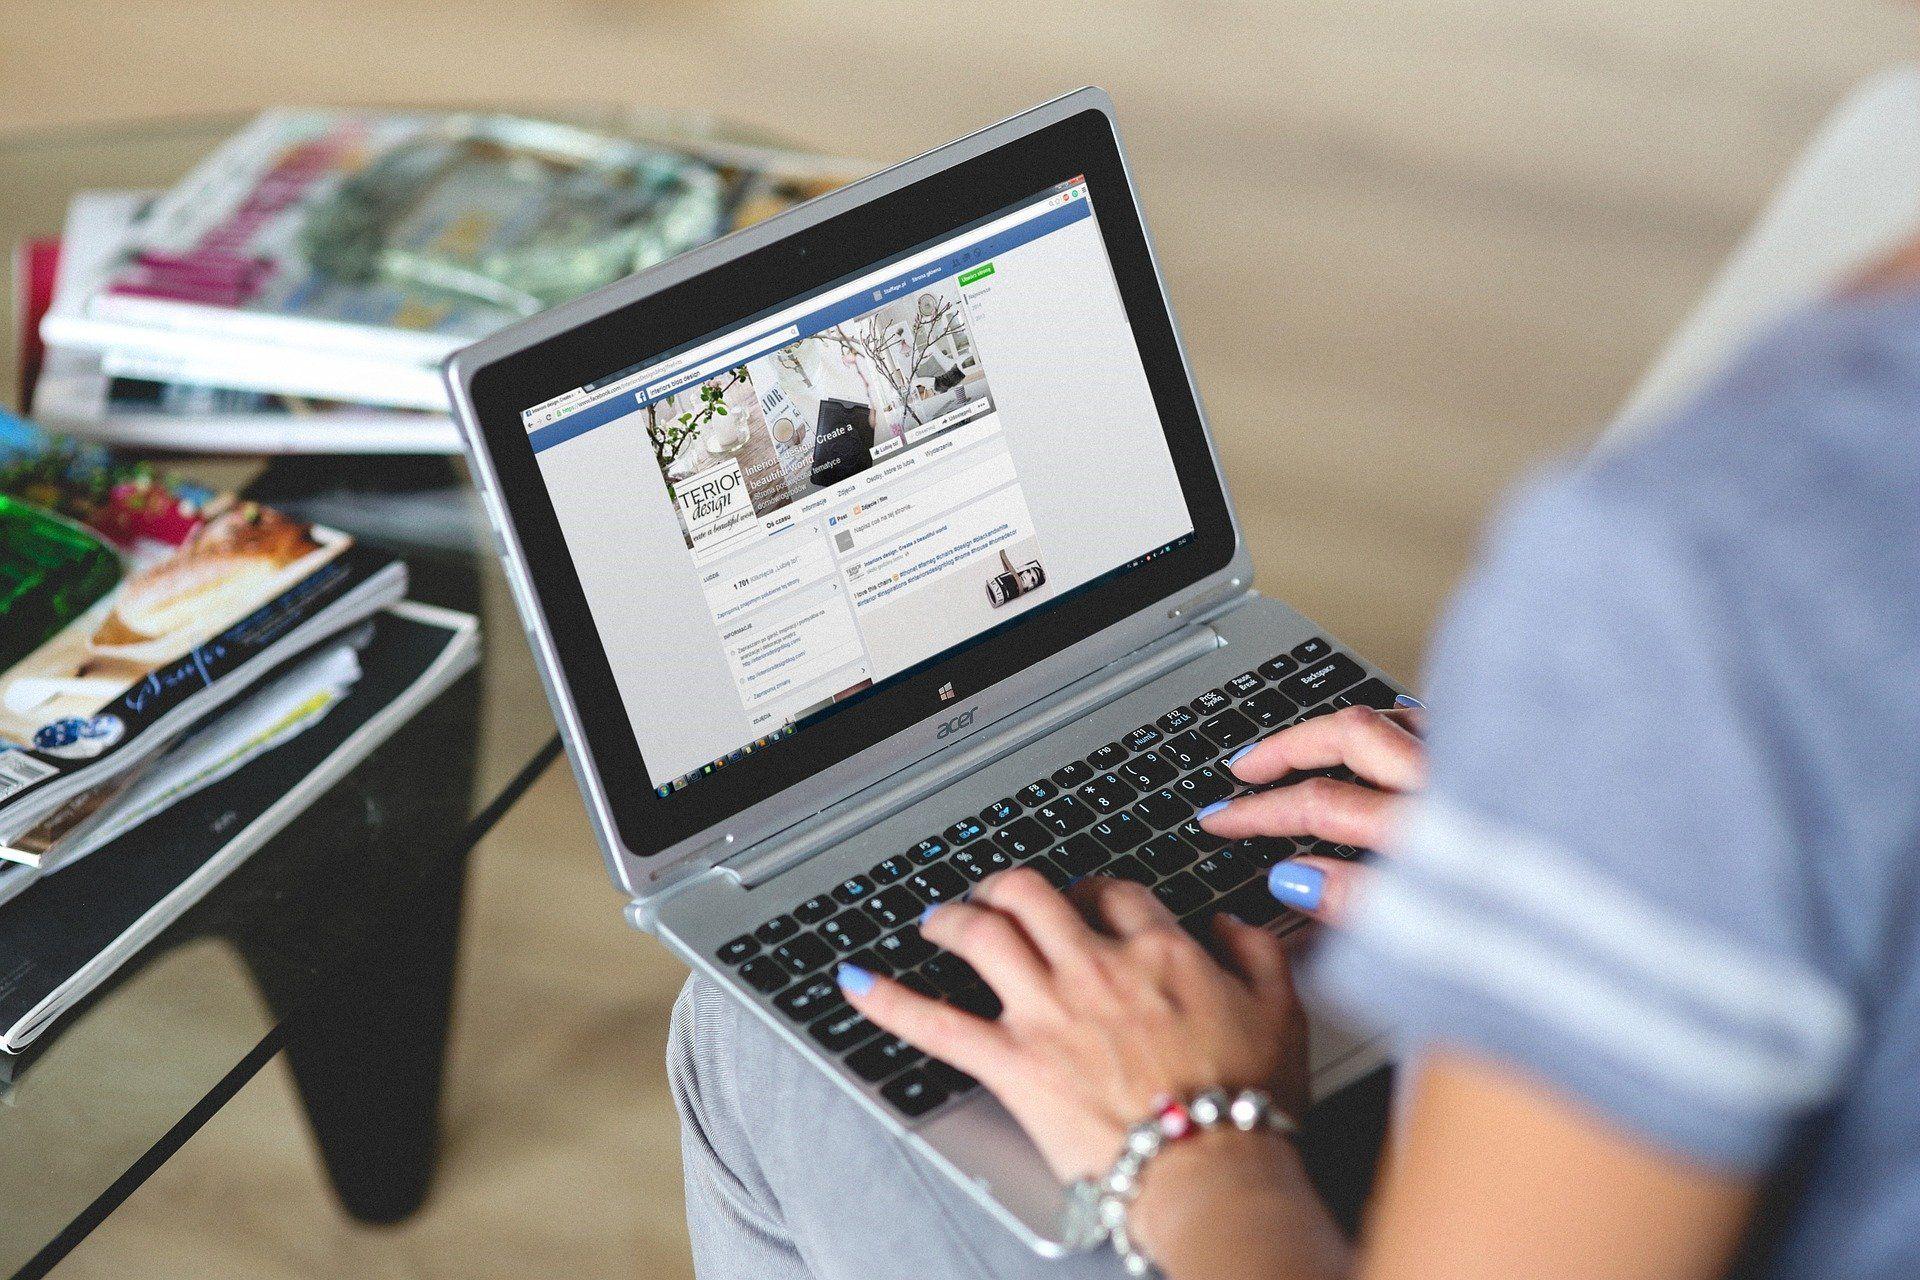 Τα περισσότερα μεταχειρισμένα laptops έχουν προβλήματα με το πληκτρολόγιο ή το touchpad.